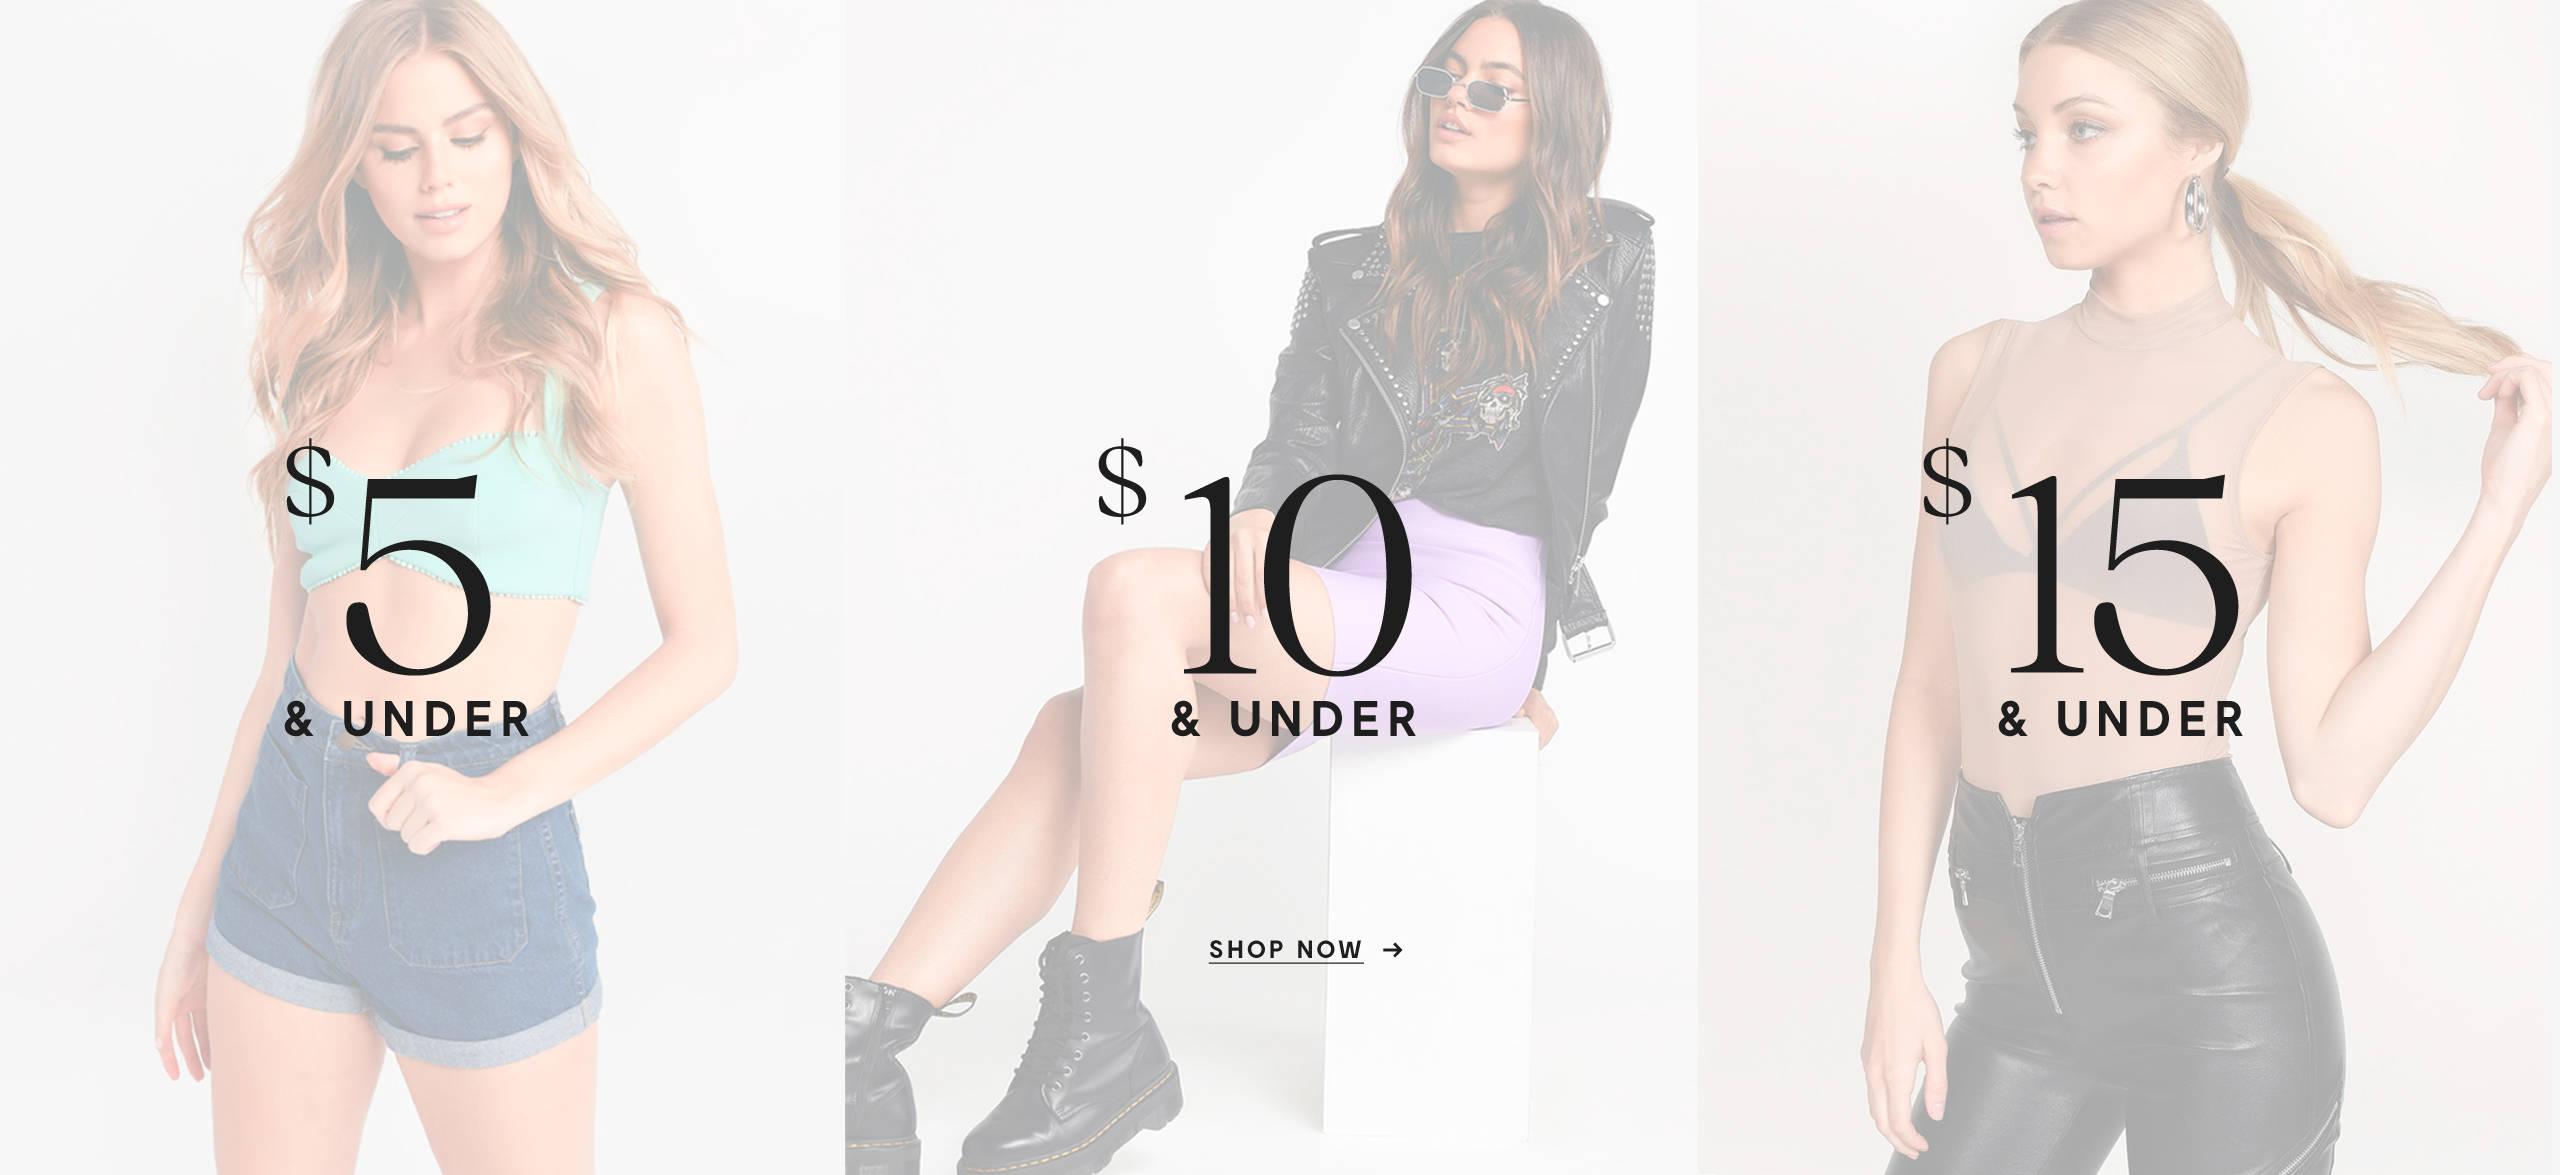 d7edbf9c6 Tobi - Online Shopping Website for Women